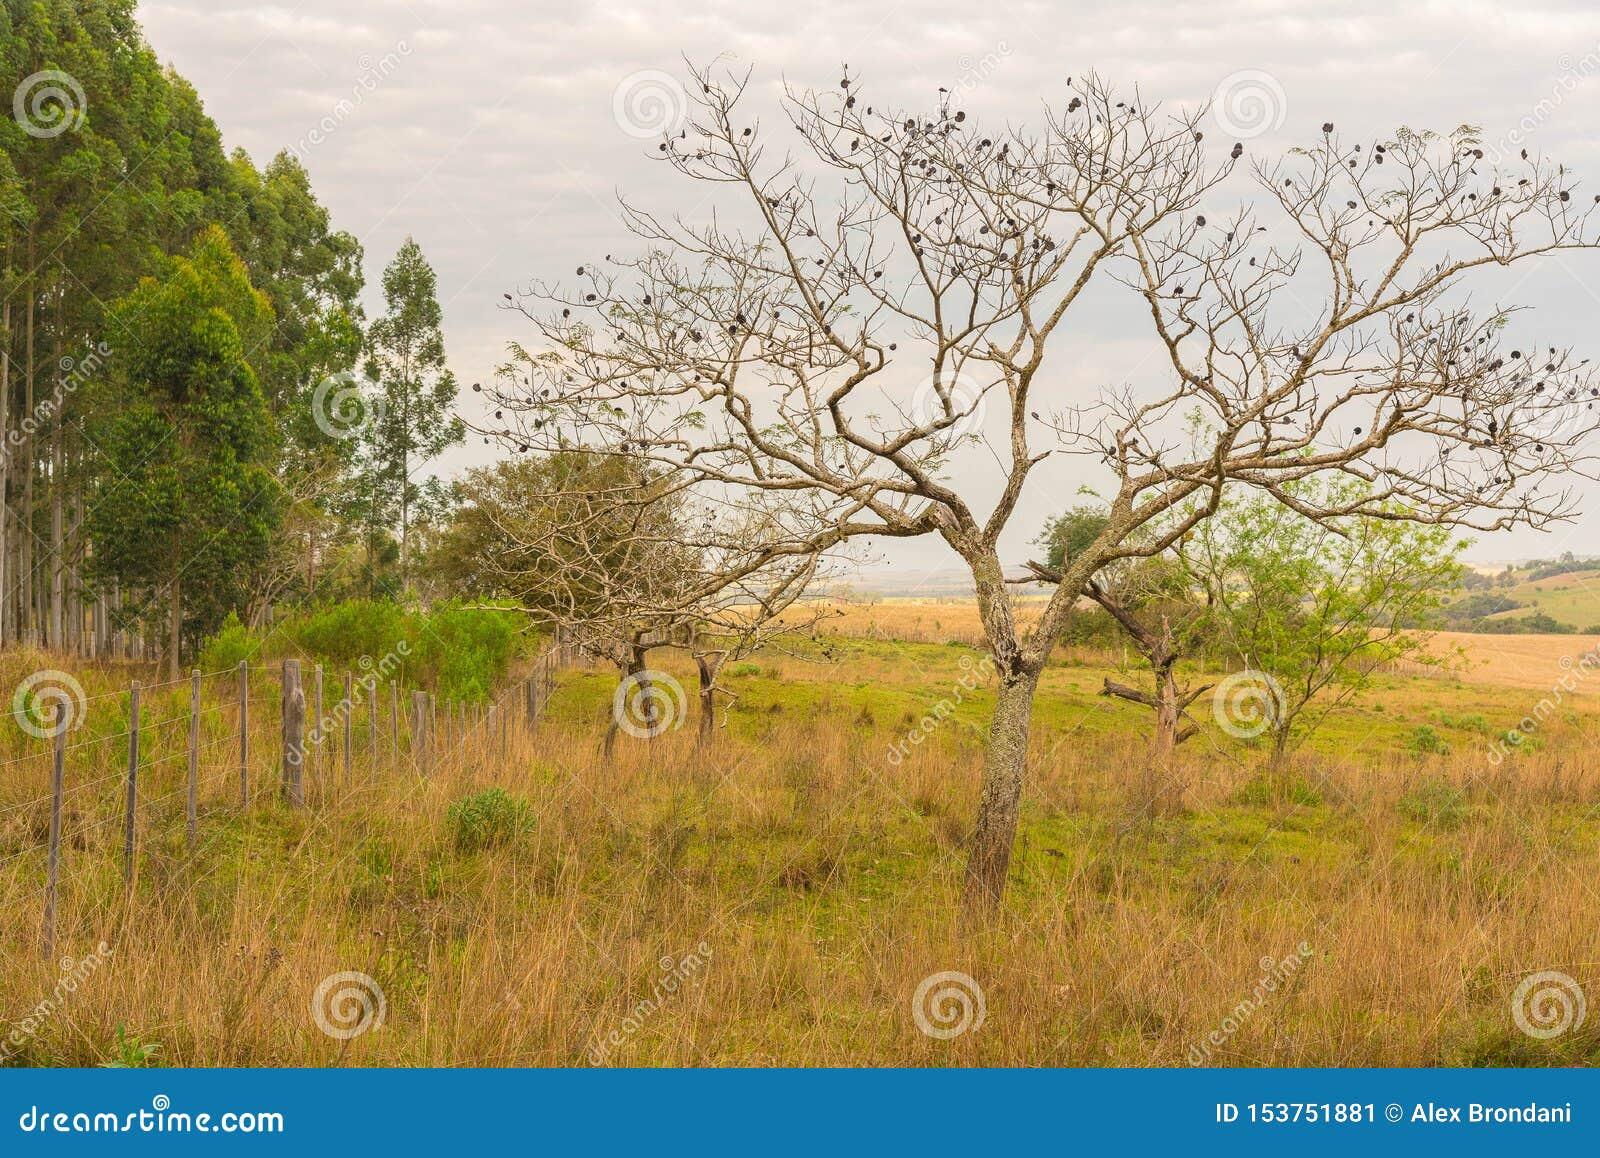 El árbol con sus frutas oscuras jpg